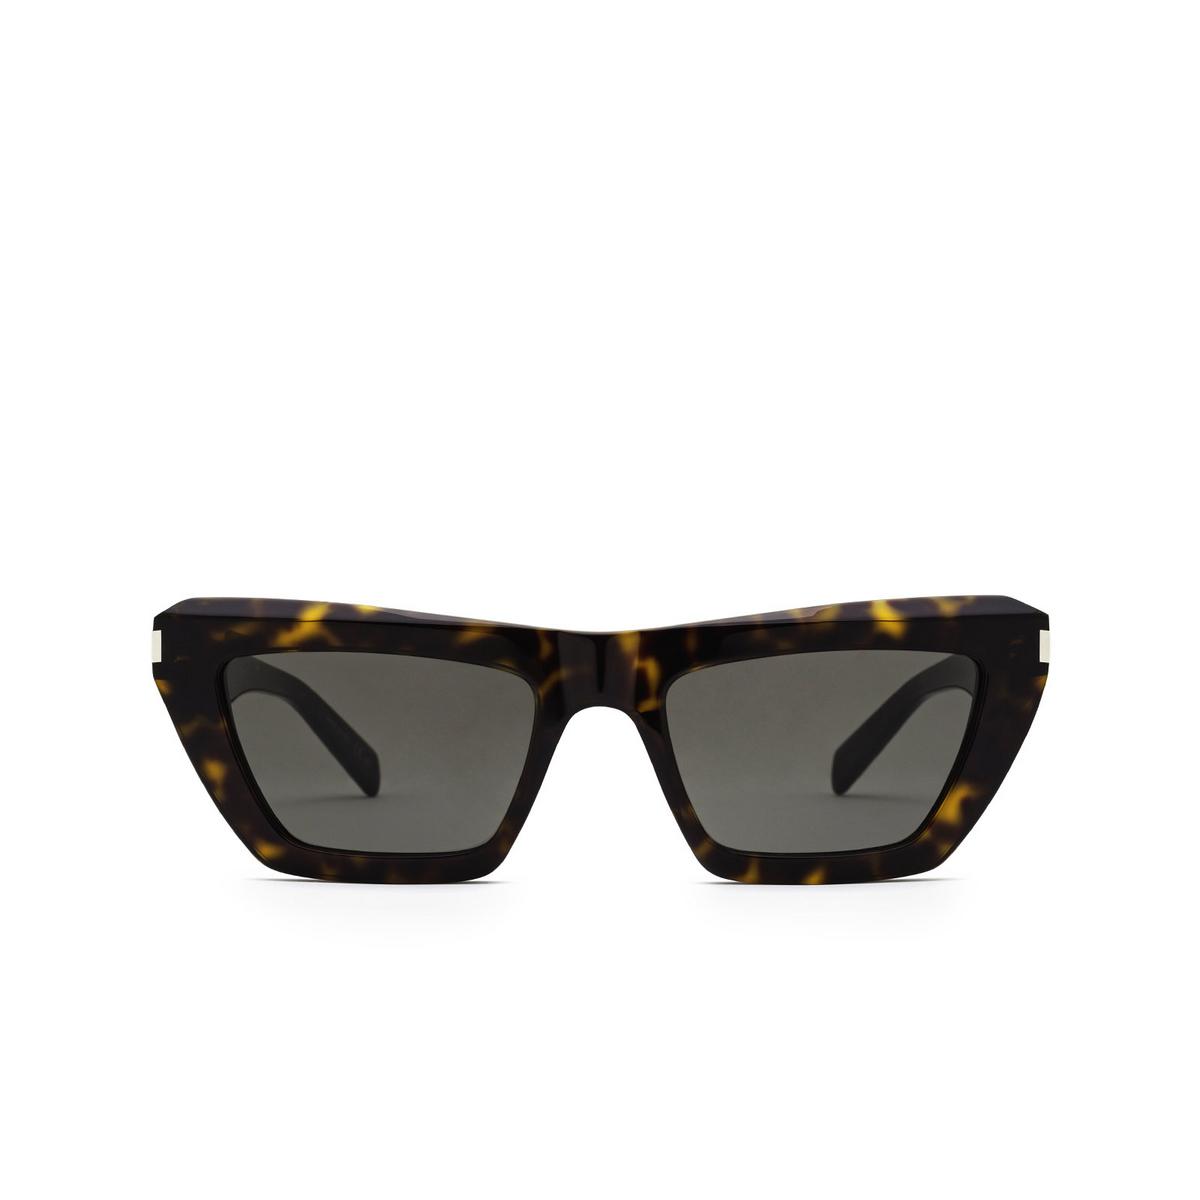 Saint Laurent® Cat-eye Sunglasses: SL 467 color Dark Havana 002 - front view.